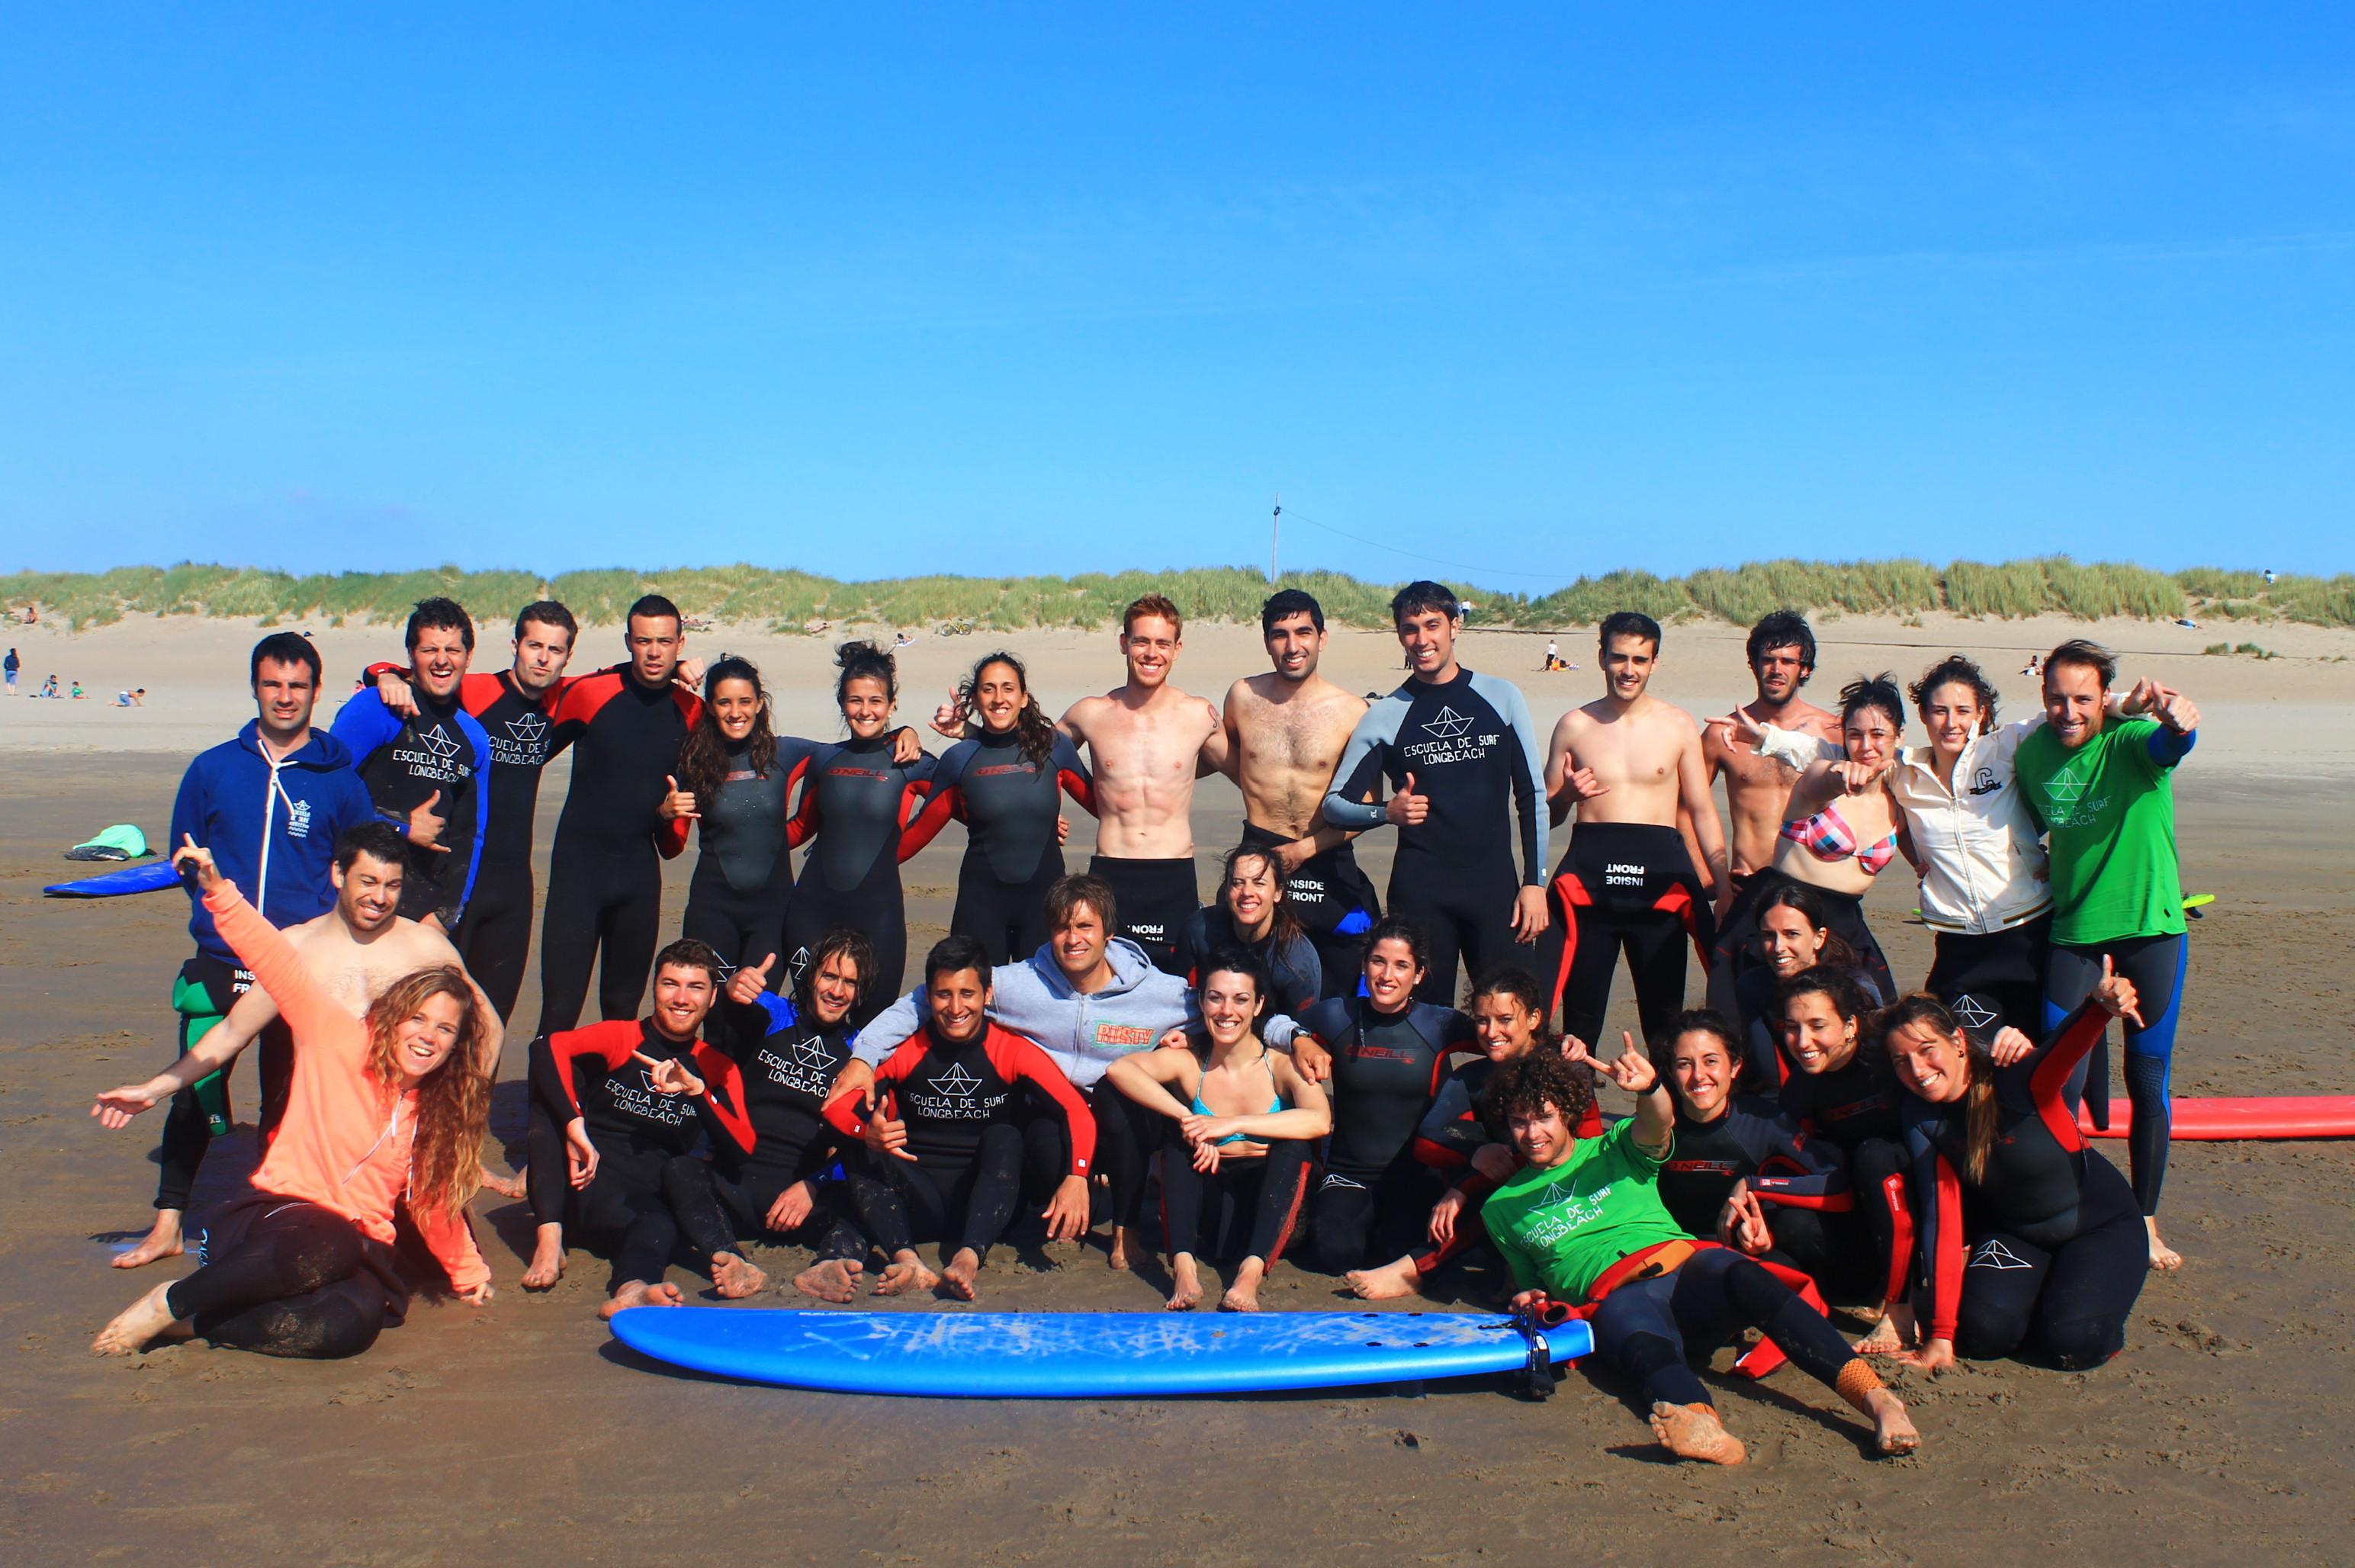 Escuela de surf camp longbeach 19.JPG